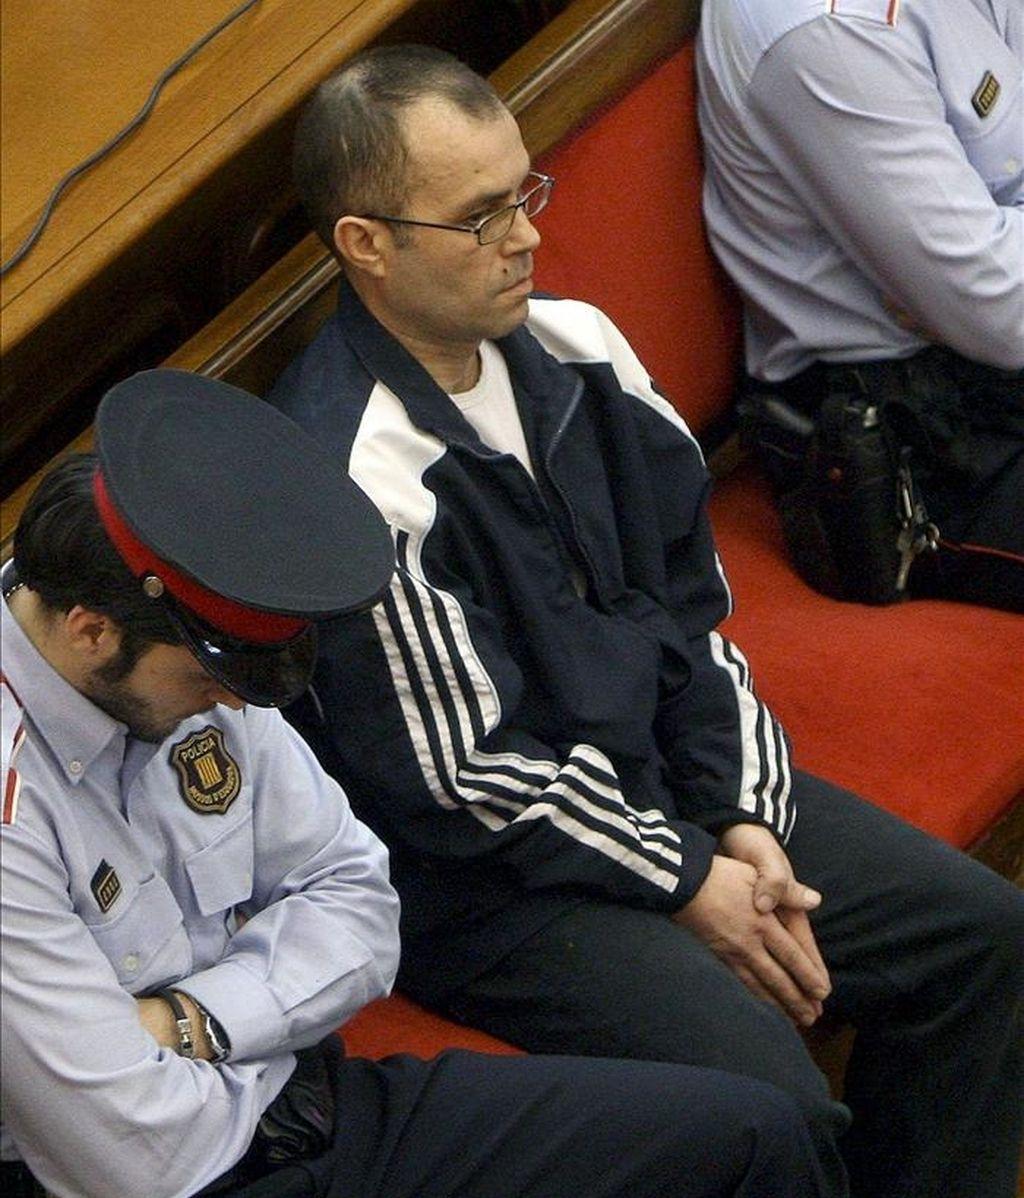 Fotografía de archivo del 1 de marzo de 2010 de Pedro Jiménez, acusado del asesinato de dos mujeres policías y de la violación de una de ellas, en el transcurso de un juicio en la Audiencia de Barcelona. EFE/Archivo